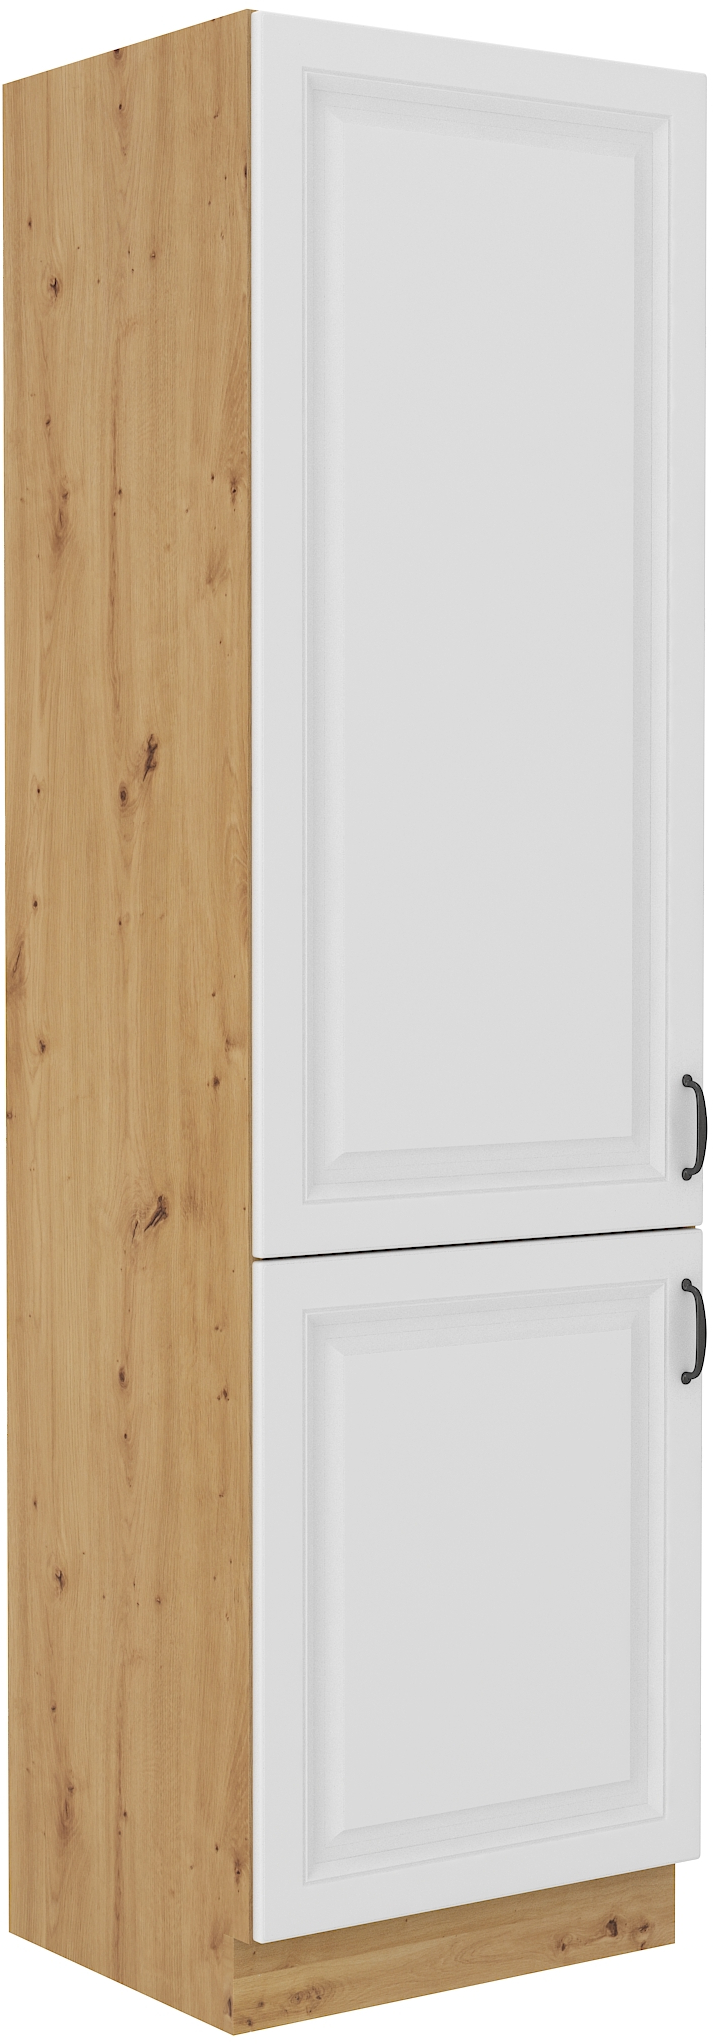 Επιδαπέδιο ντουλάπι Yvette 60 DK-210